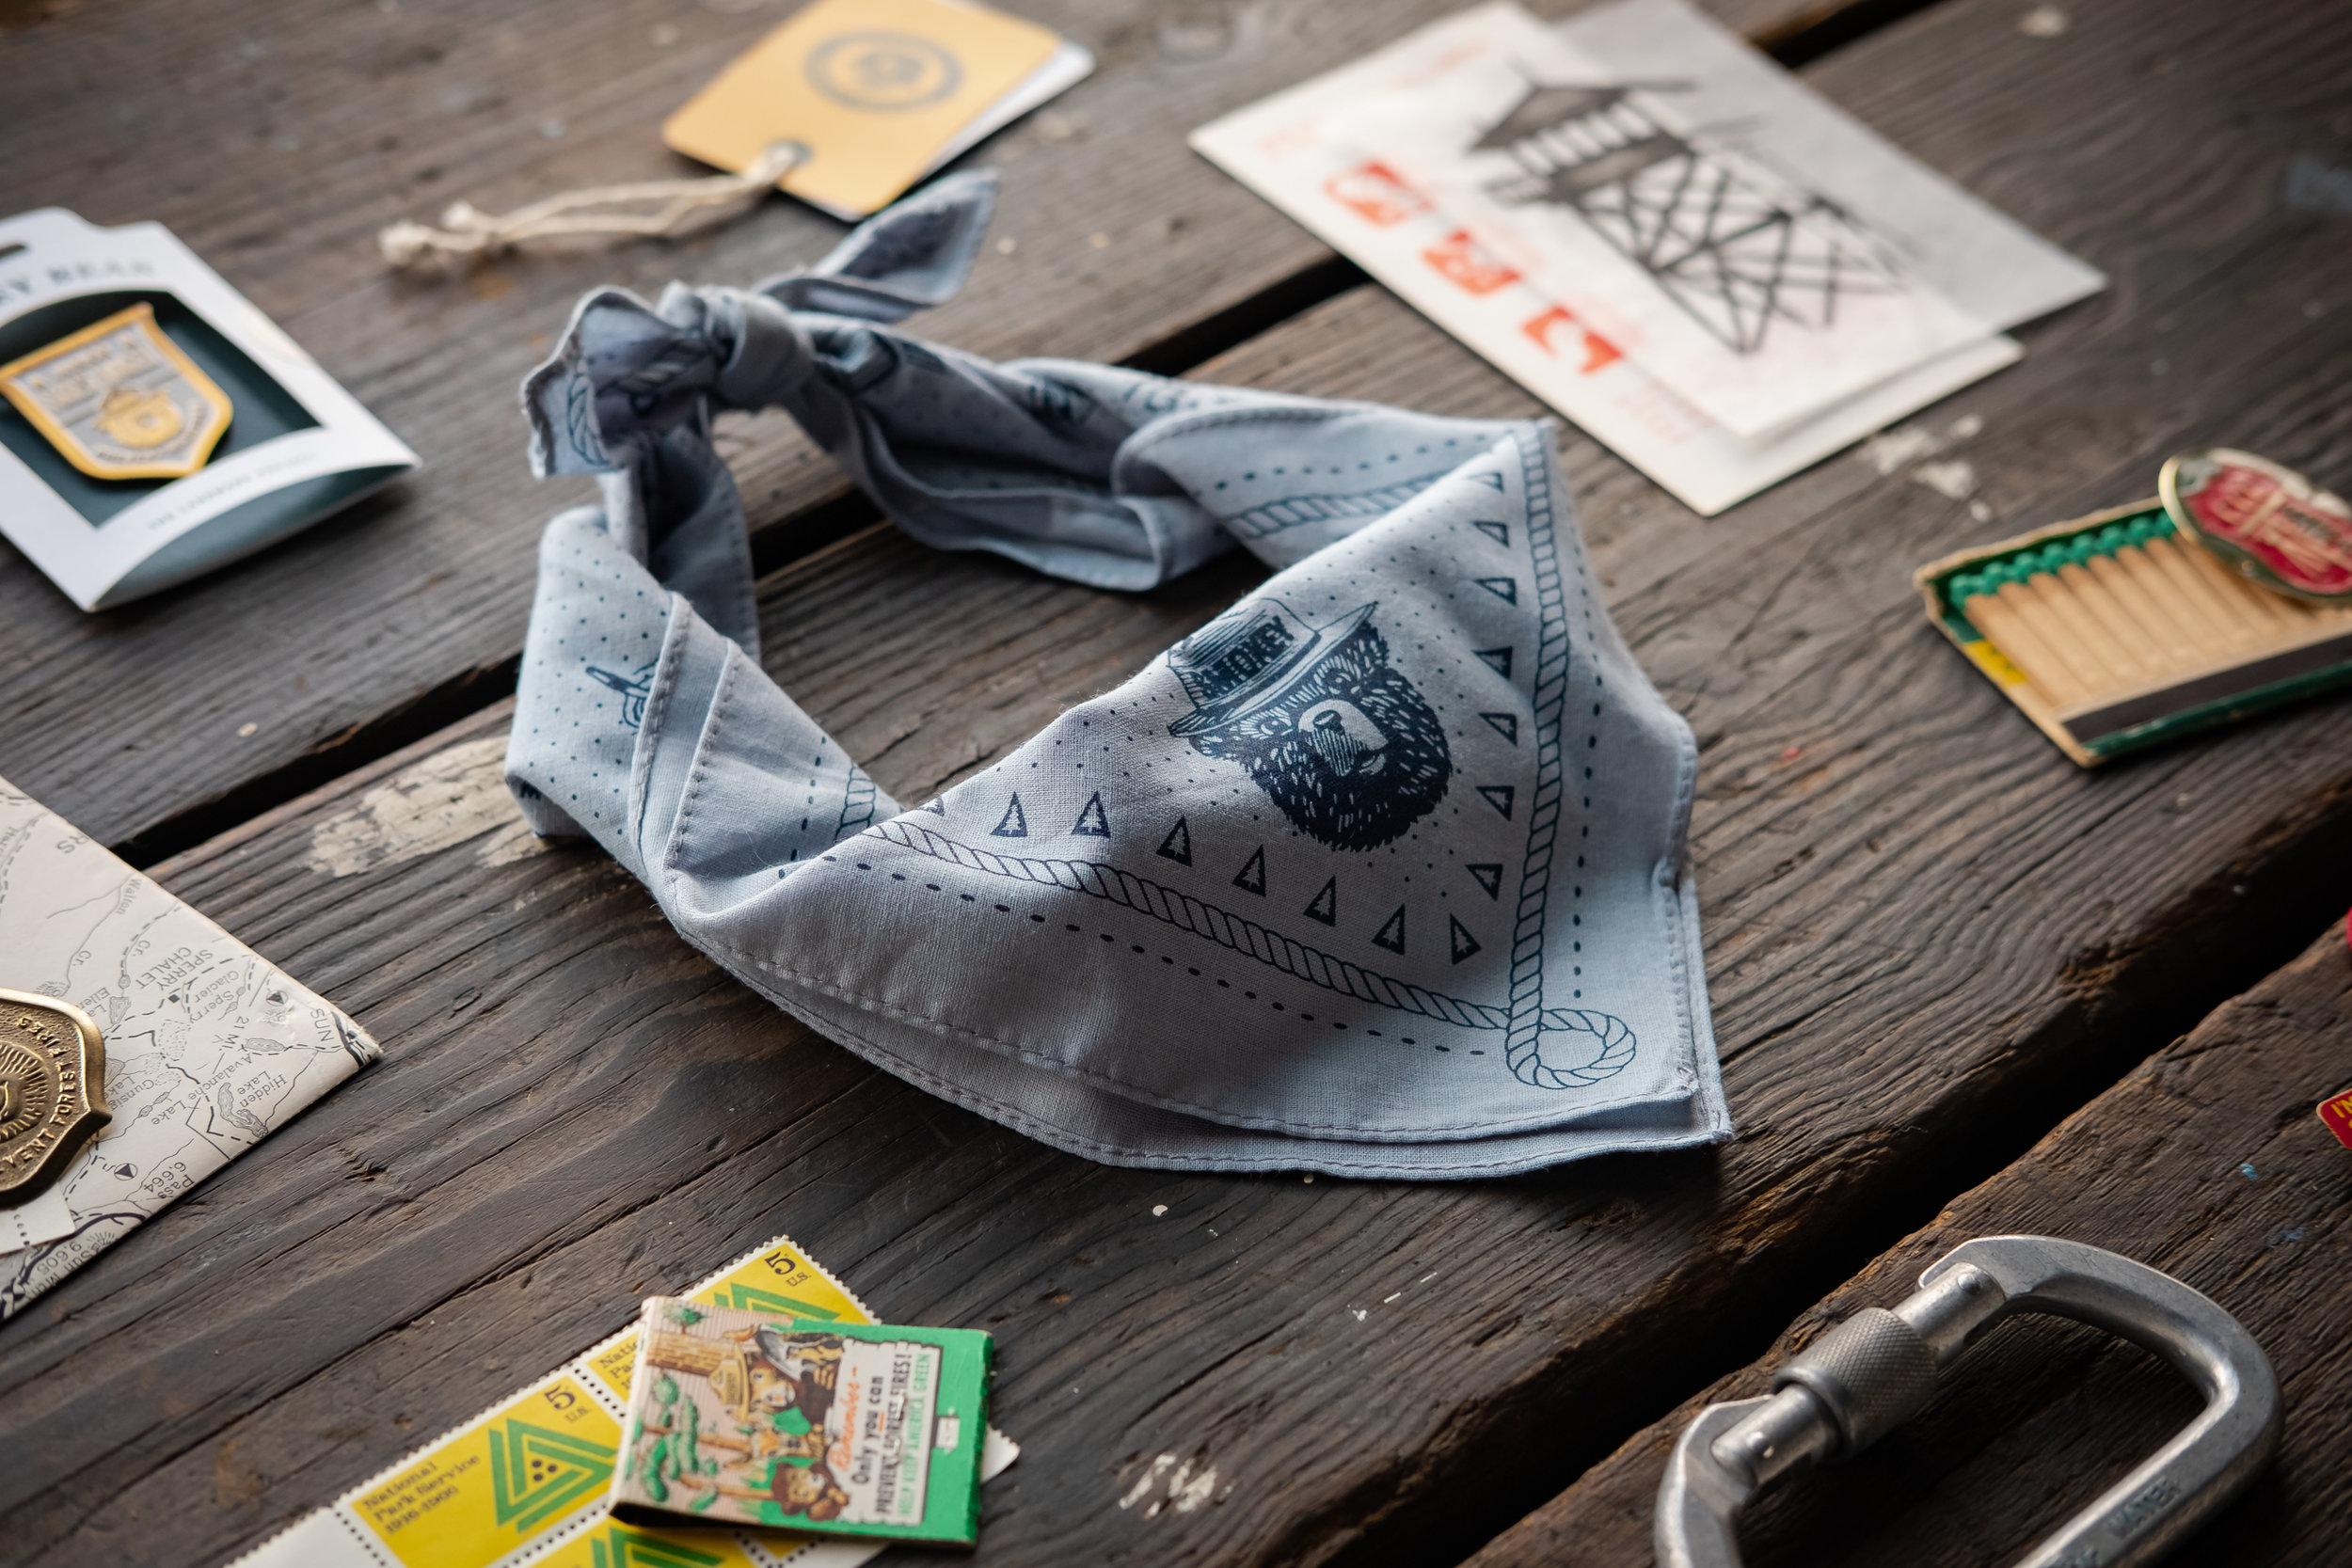 smokey-bear-bandana-04.jpg